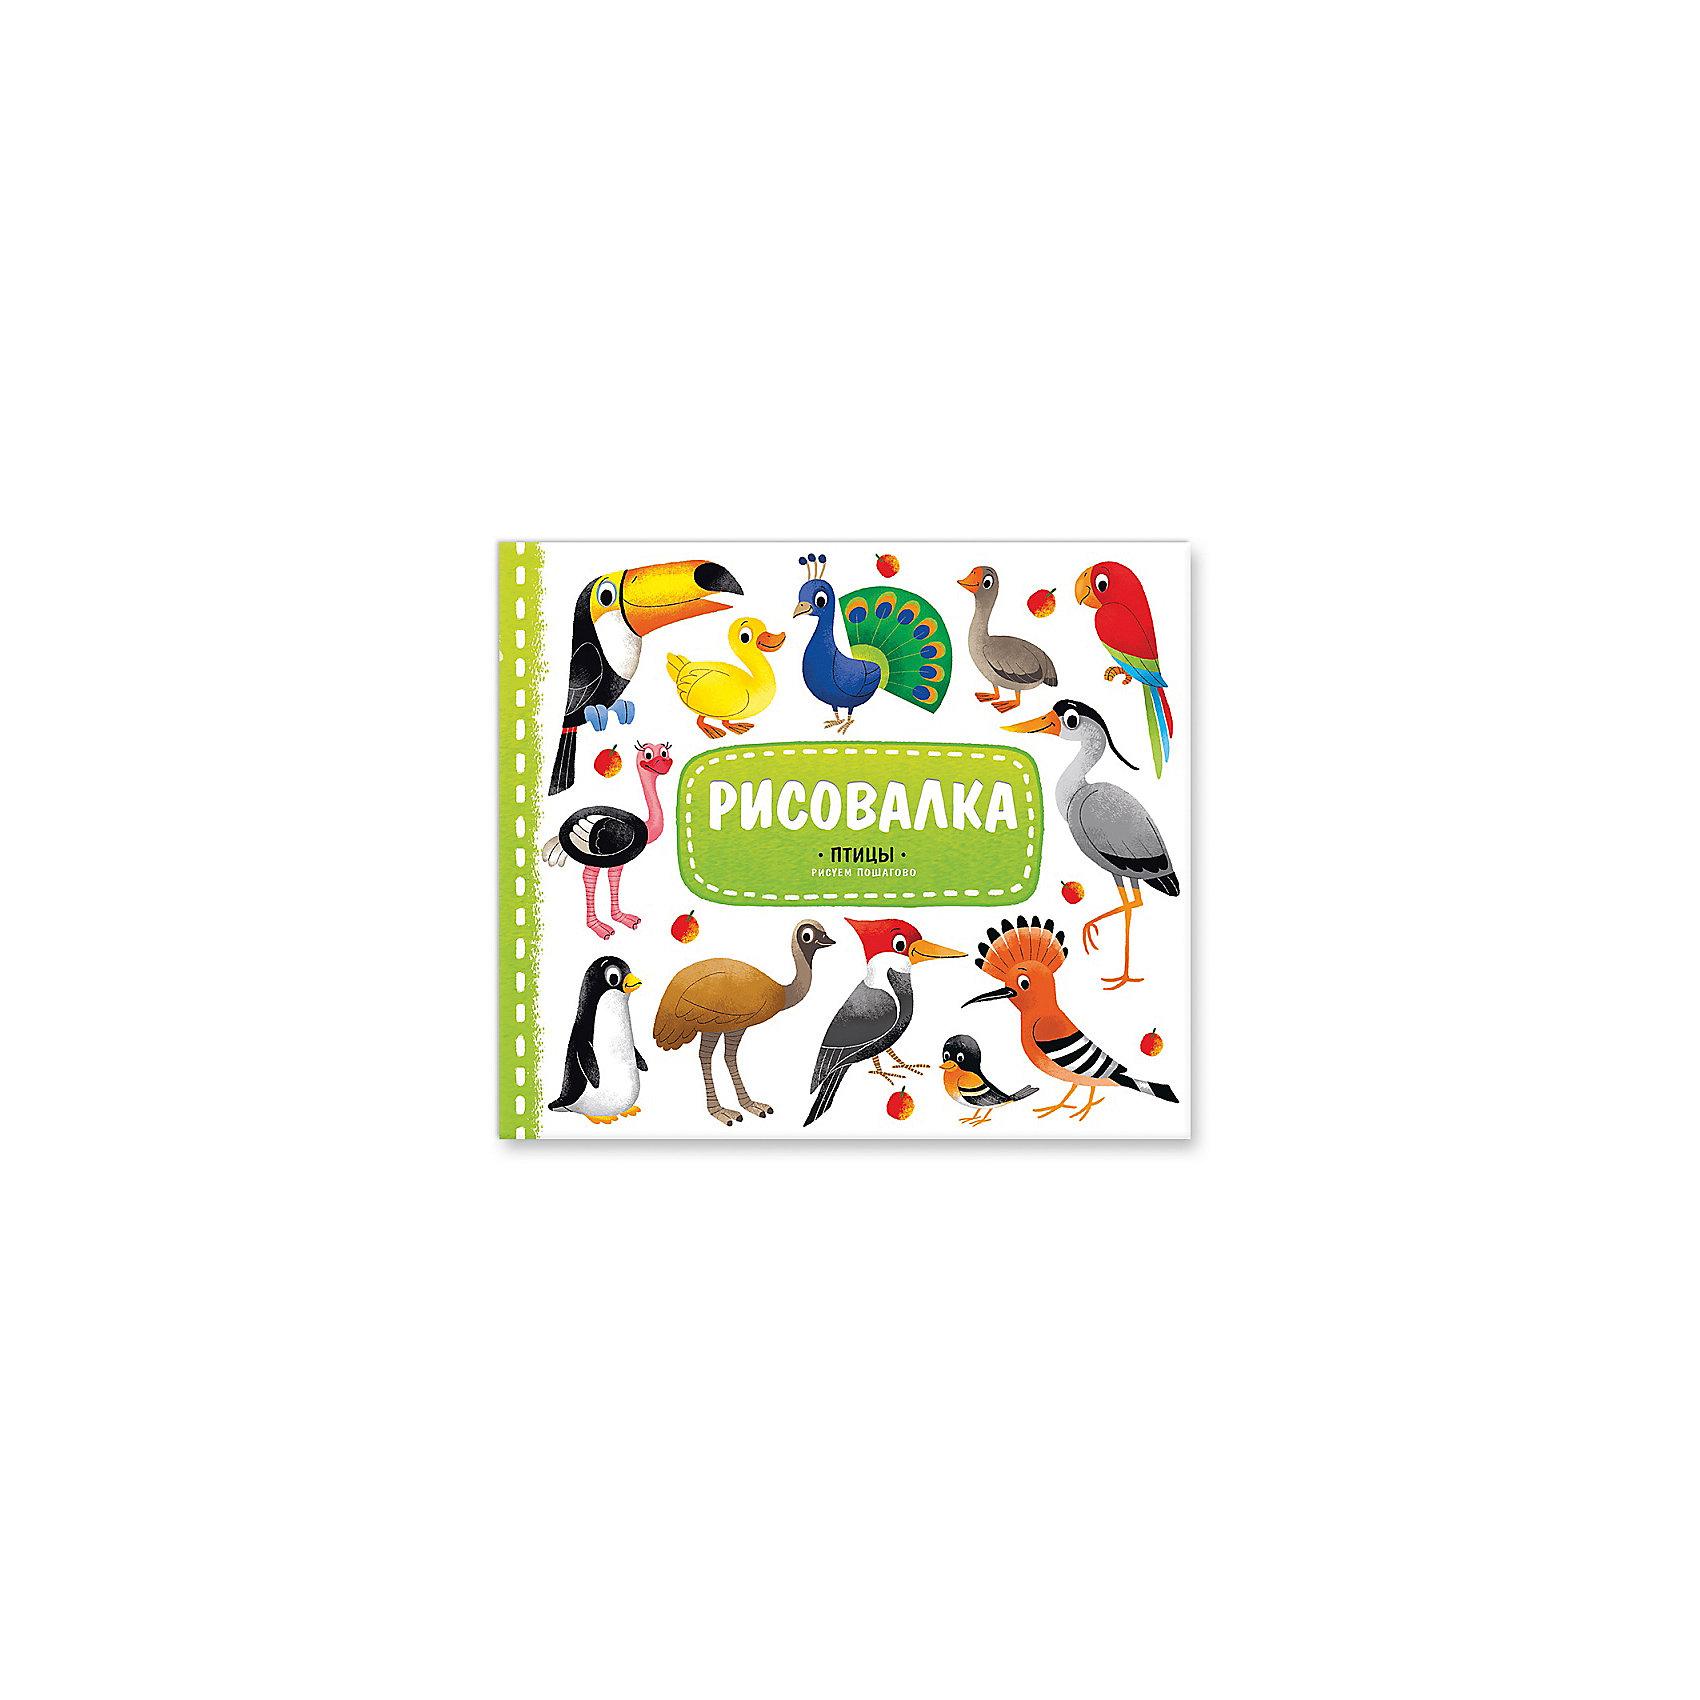 Рисовалка ПтицыРисование<br>Хотите научить детей рисовать  диковинных птиц? Поверьте, это не так уж сложно. Главное, шаг за шагом следовать советам, которые вы найдете в книжке серии «РИСОВАЛКА». Всего 5 шагов и рисунок готов!<br>А на последней странице книжки ребёнок сможет создать свою картину, расклеив 7 ярких наклеек с изображением изумительных птиц.<br>Рисовать – это очень увлекательно!<br><br>Ширина мм: 225<br>Глубина мм: 220<br>Высота мм: 3<br>Вес г: 100<br>Возраст от месяцев: 36<br>Возраст до месяцев: 84<br>Пол: Унисекс<br>Возраст: Детский<br>SKU: 5423020